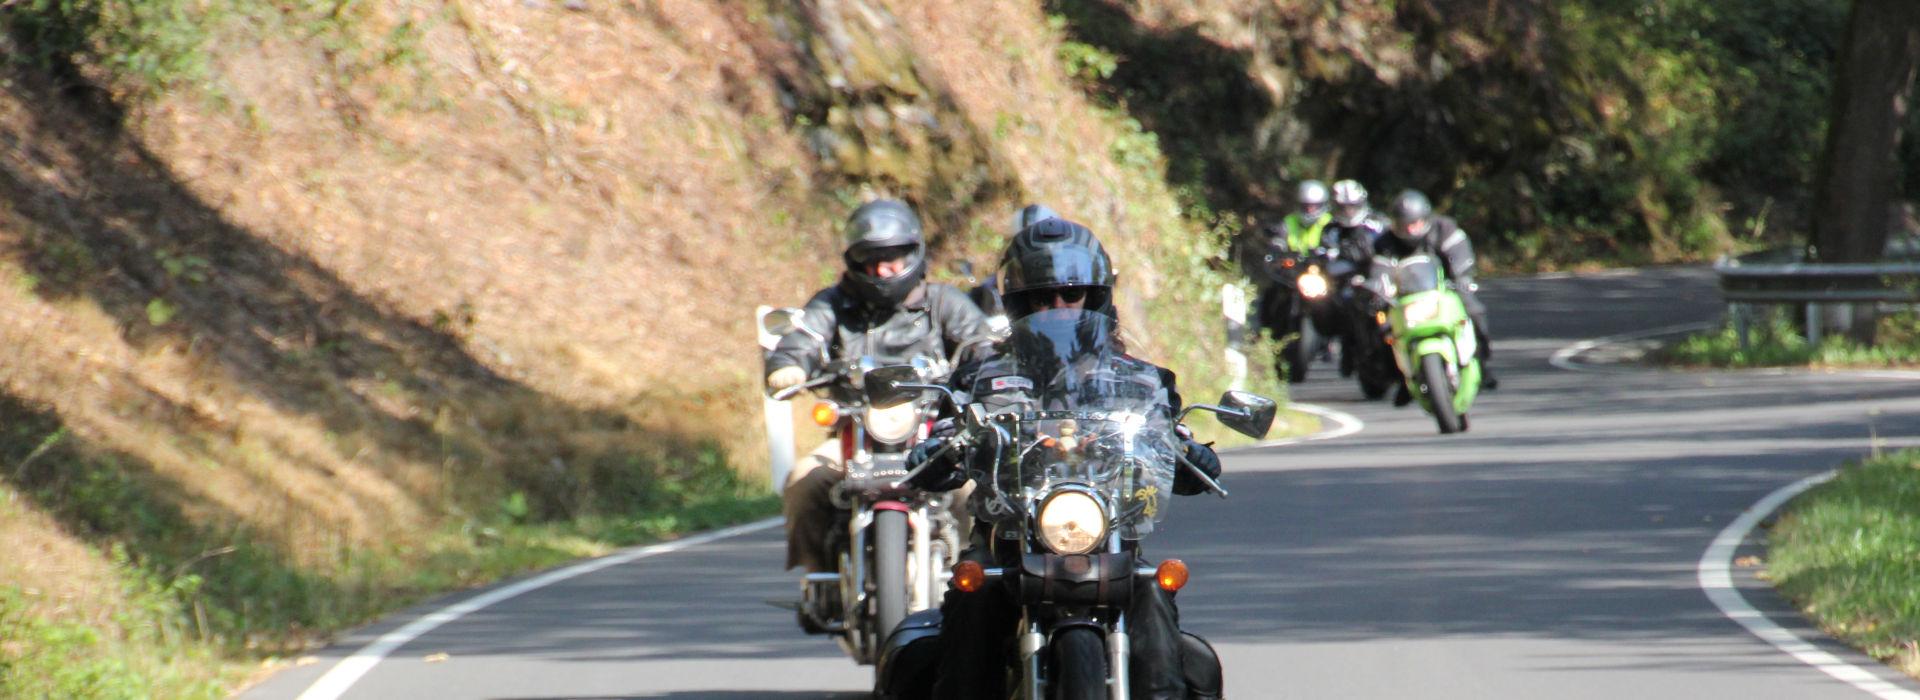 Motorrijbewijspoint Overijssel motor rijopleidingen